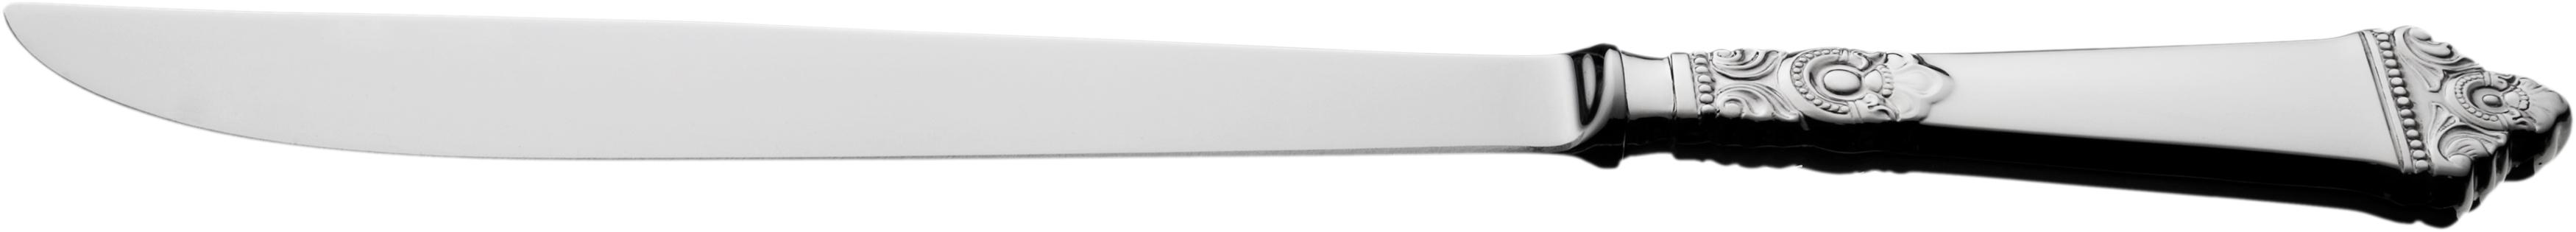 Forskjærskniv, Odel sølvbestikk